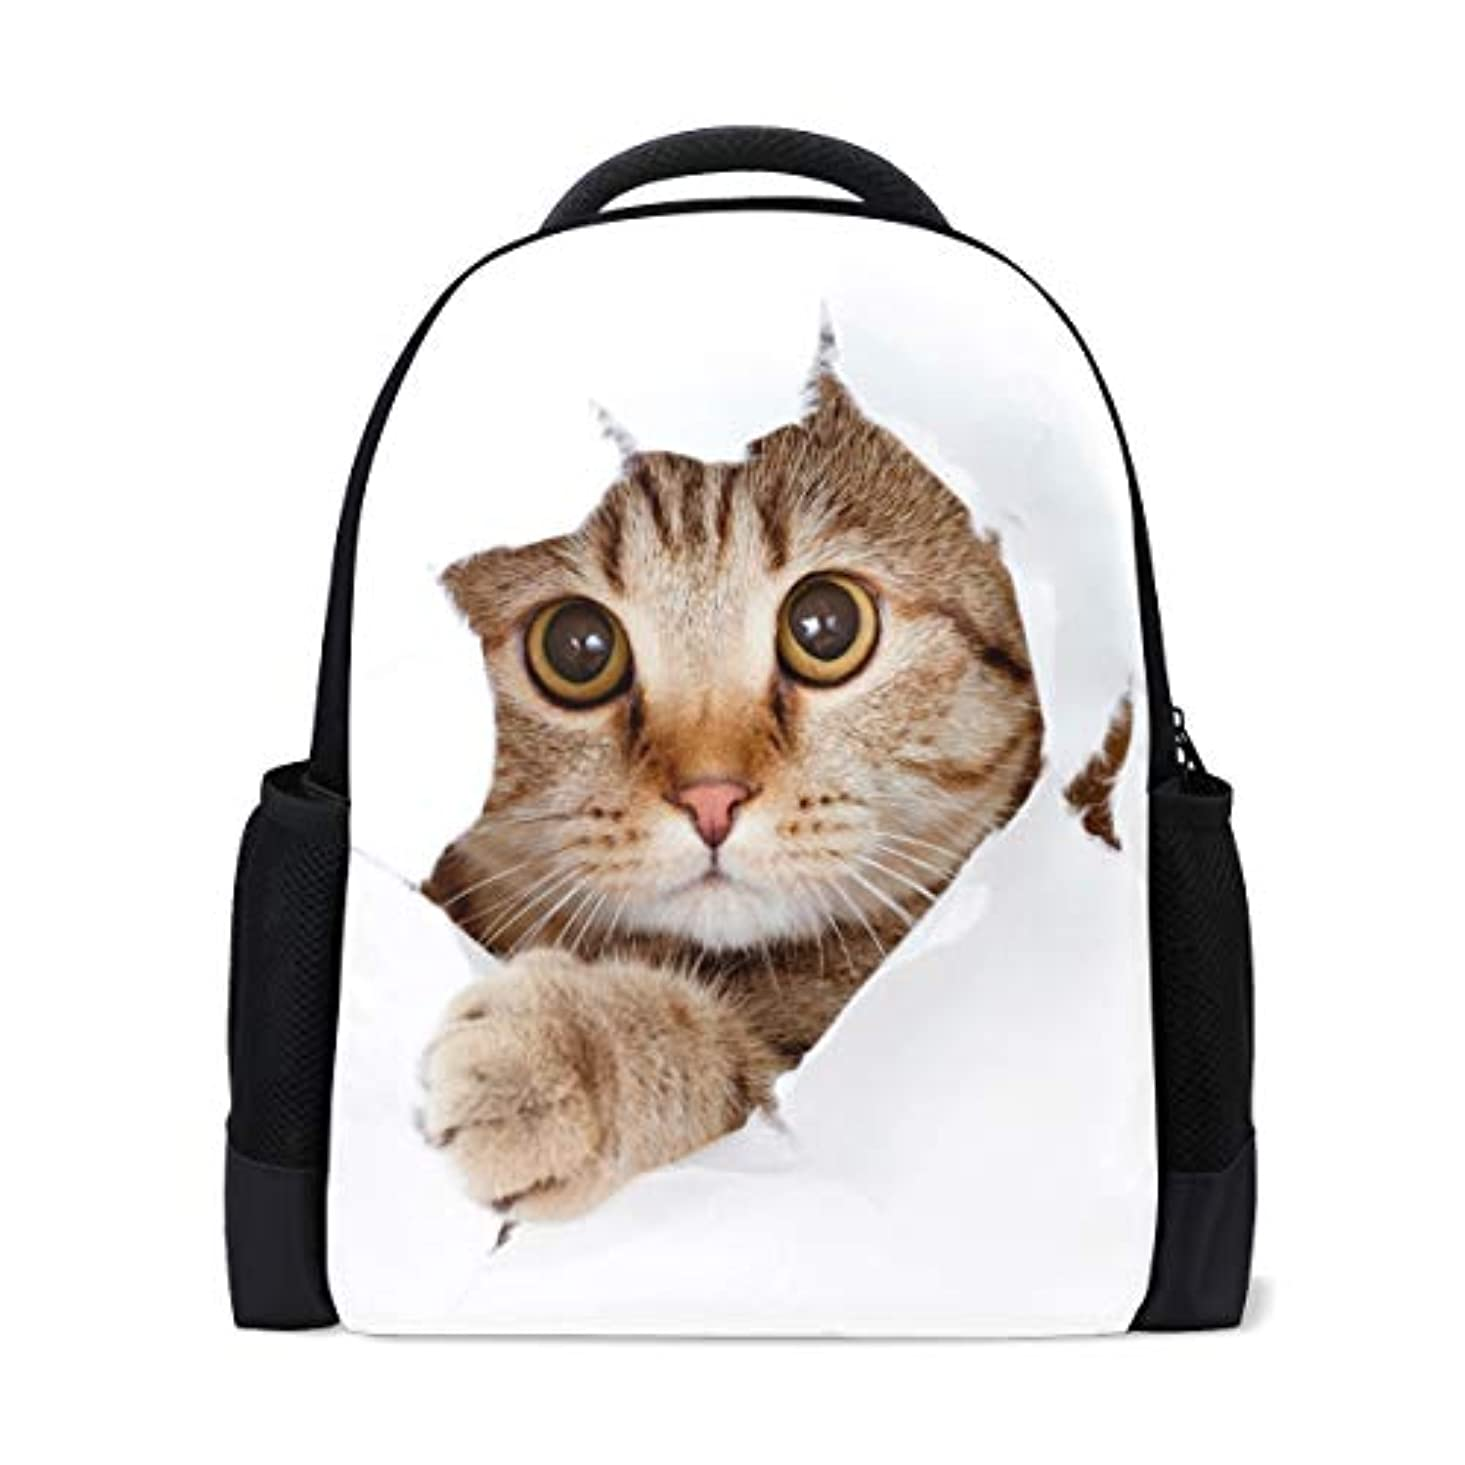 持続的宙返り剃るリュック レディース おしゃれ 軽量 a4 多機能 リュックサック メンズ 猫柄 大容量 通学 通勤 旅行 デイパック プレゼント対応